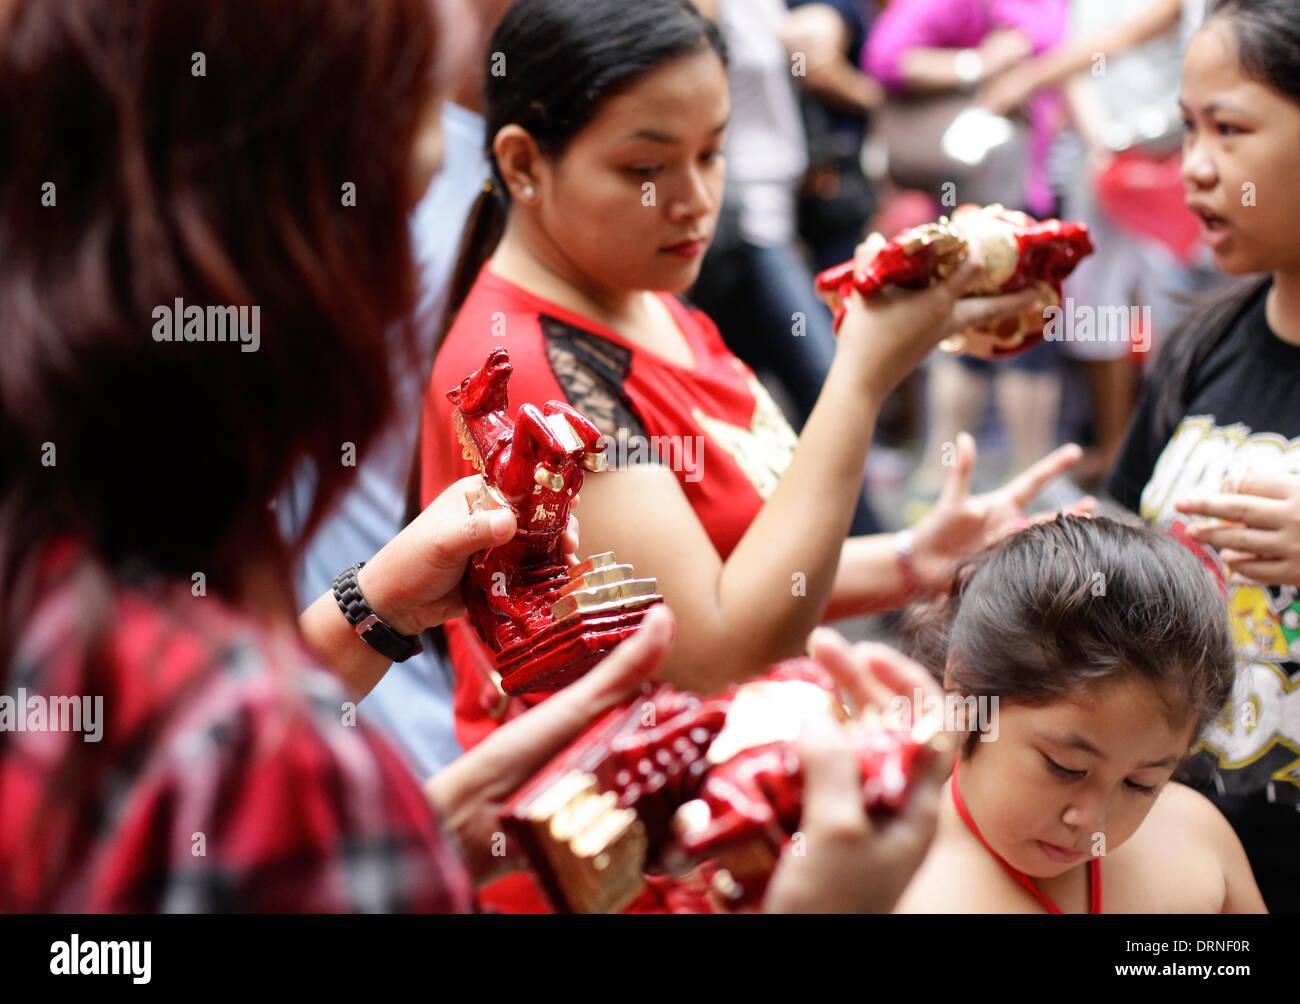 Manila, Filippine. Il 30 gennaio 2014. Shoppers guardare portafortuna in forma di cavalli in Chinatown Manila il 30 gennaio 2014 un giorno prima del nuovo anno cinese, l'anno del cavallo. Foto di Mark Cristino/Alamy Live News Immagini Stock